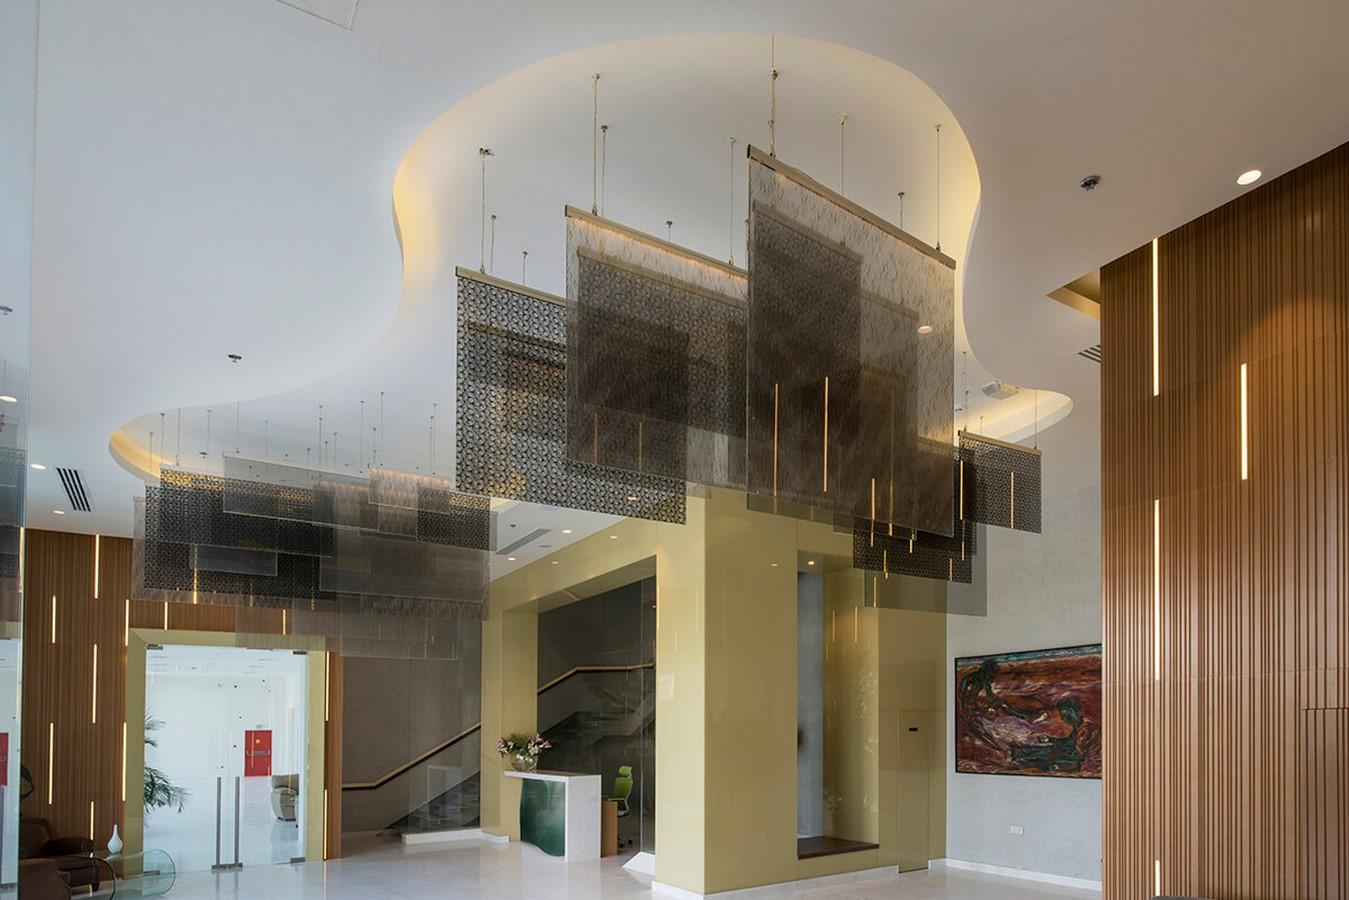 Merint group HQ, Dubai - Sheet1